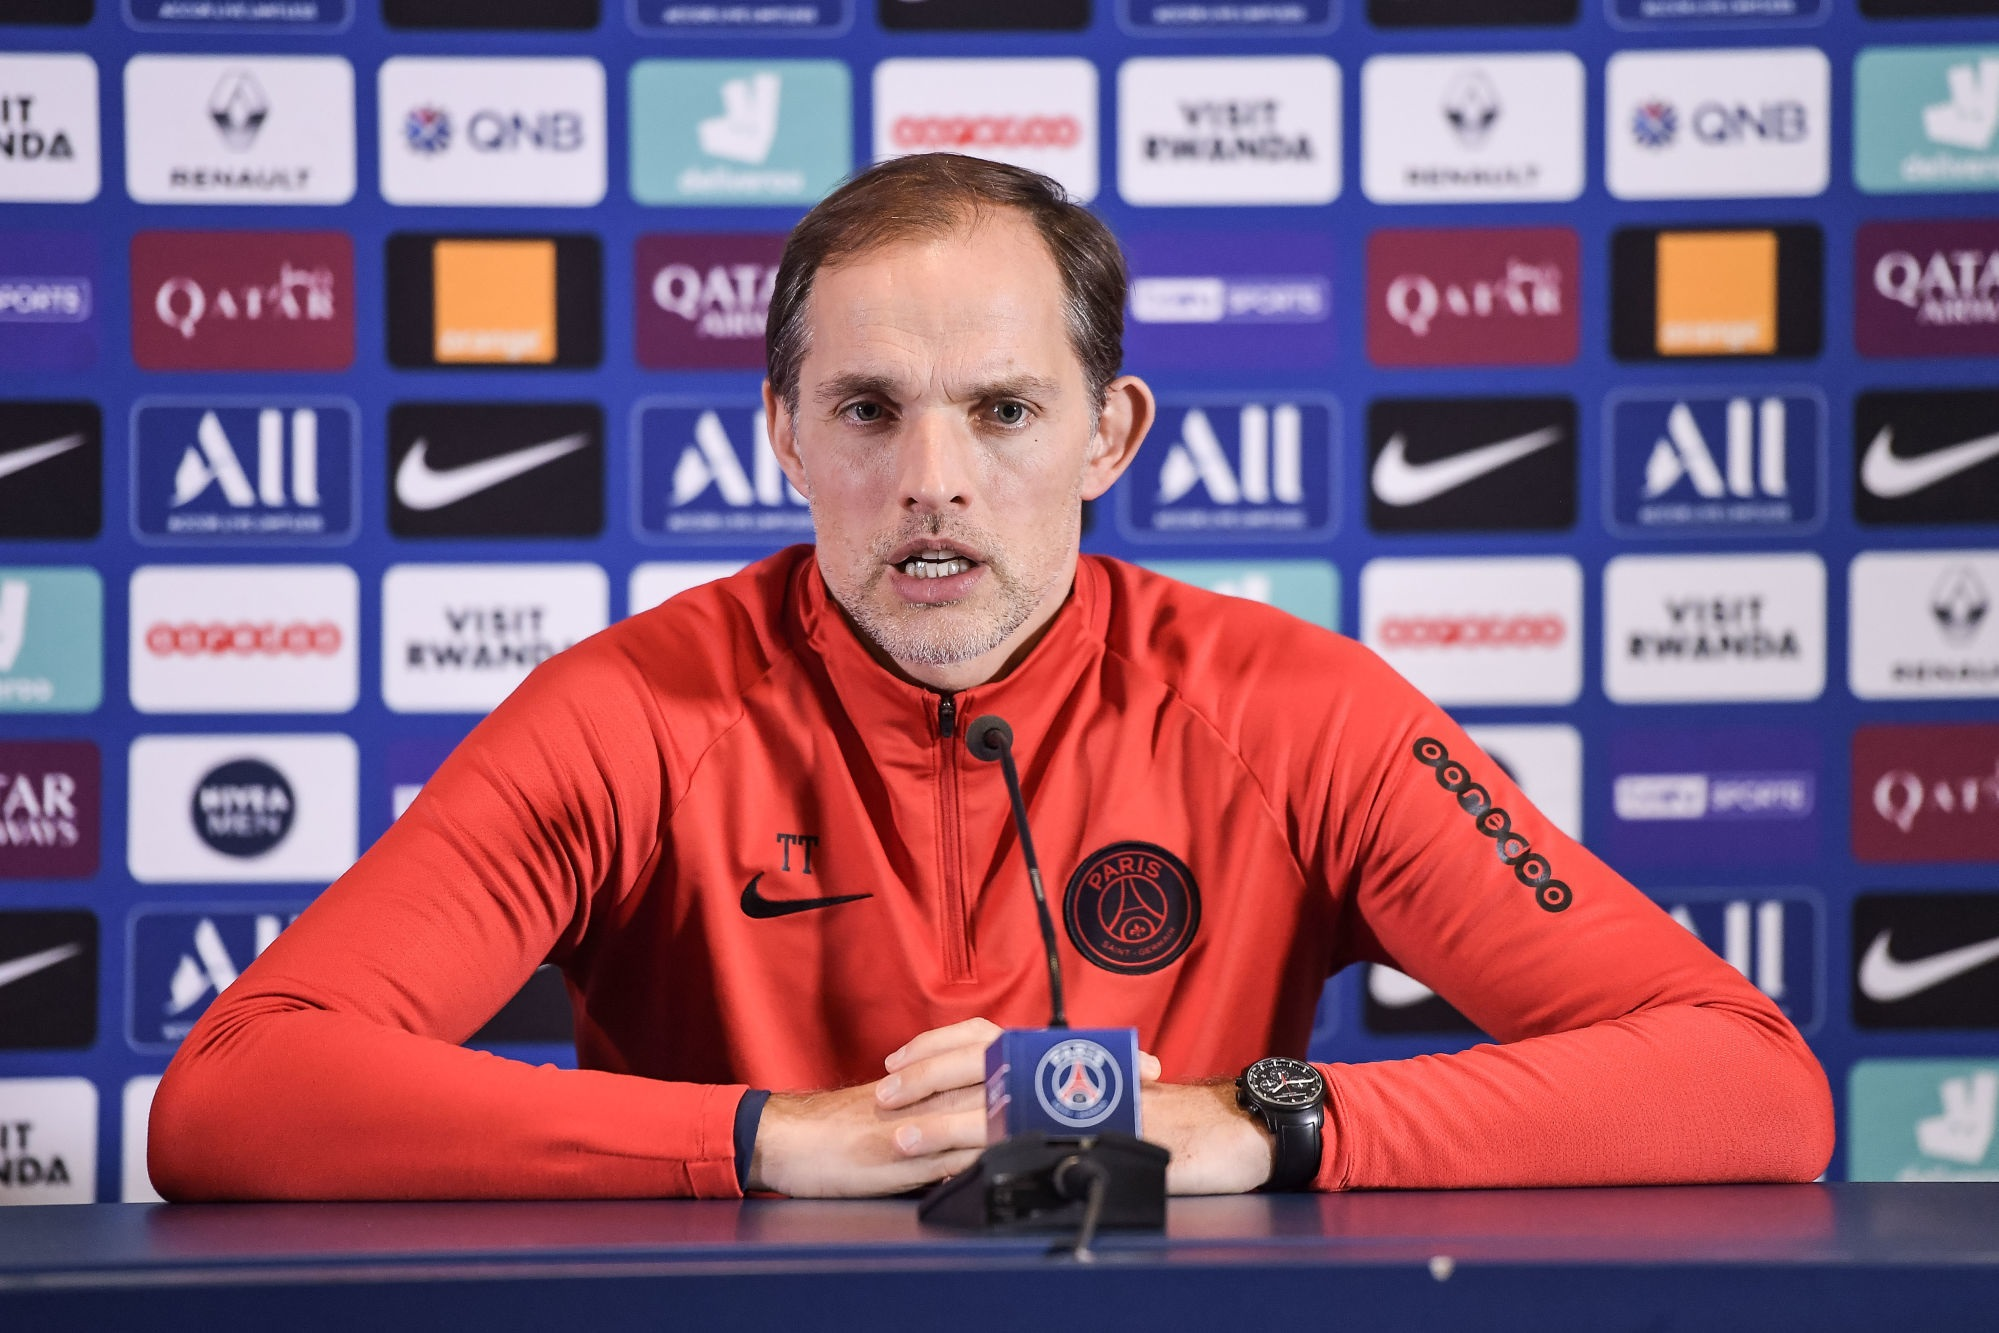 PSG/Metz - Tuchel évoque l'état d'esprit, le jeu, le poste de Marquinhos et les suspensions